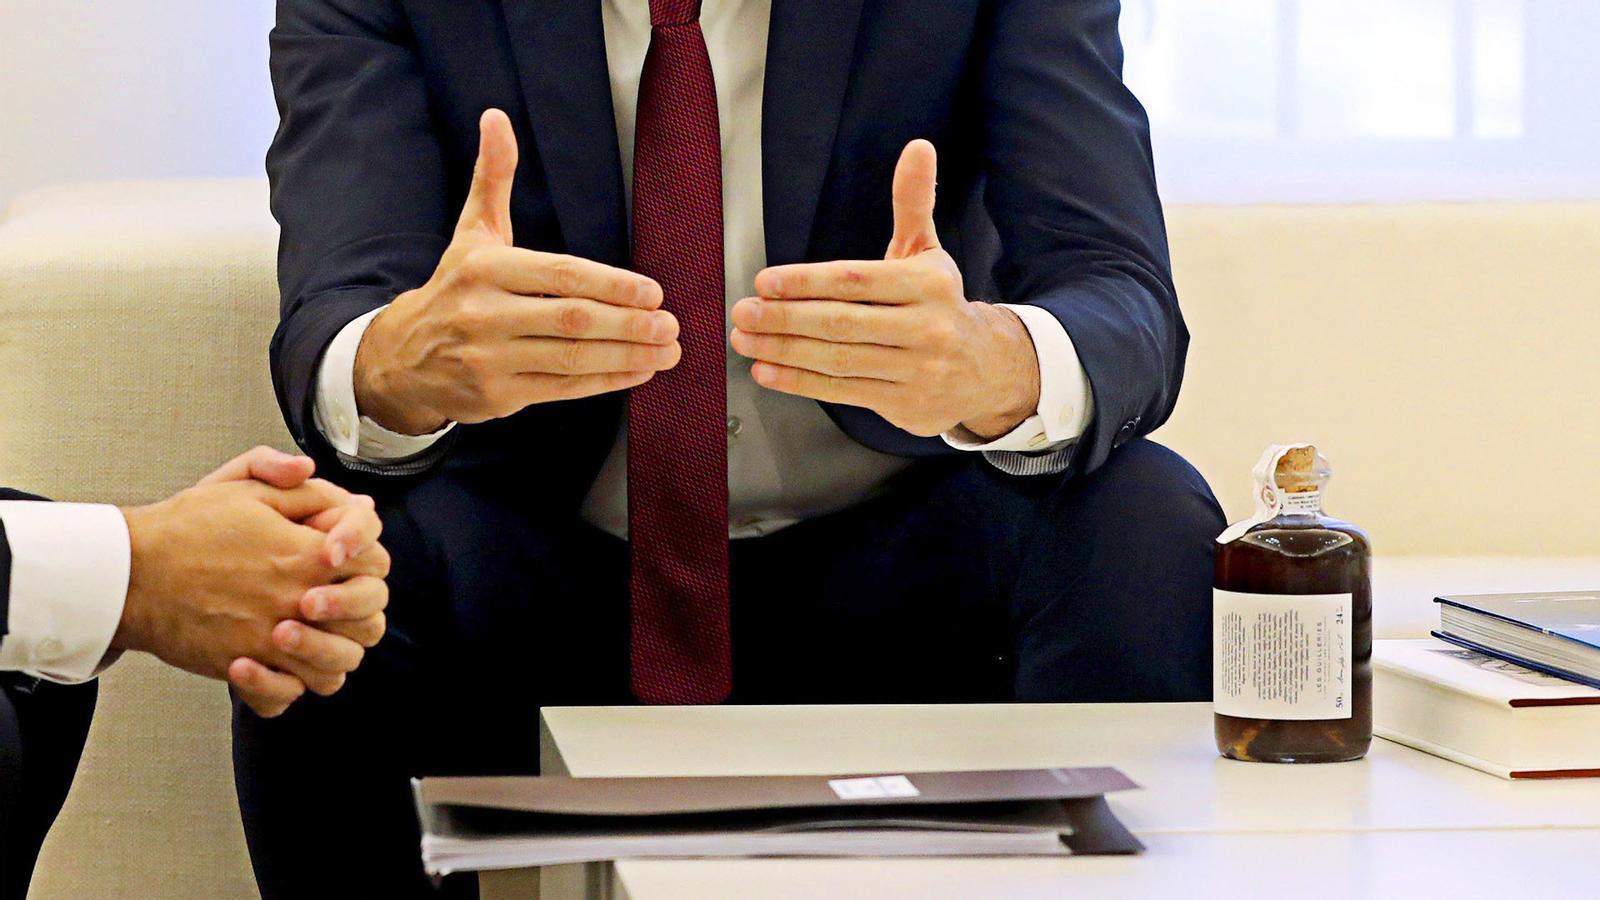 L'anàlisi d'Antoni Bassas: 'La diplomàcia de la ratafia'